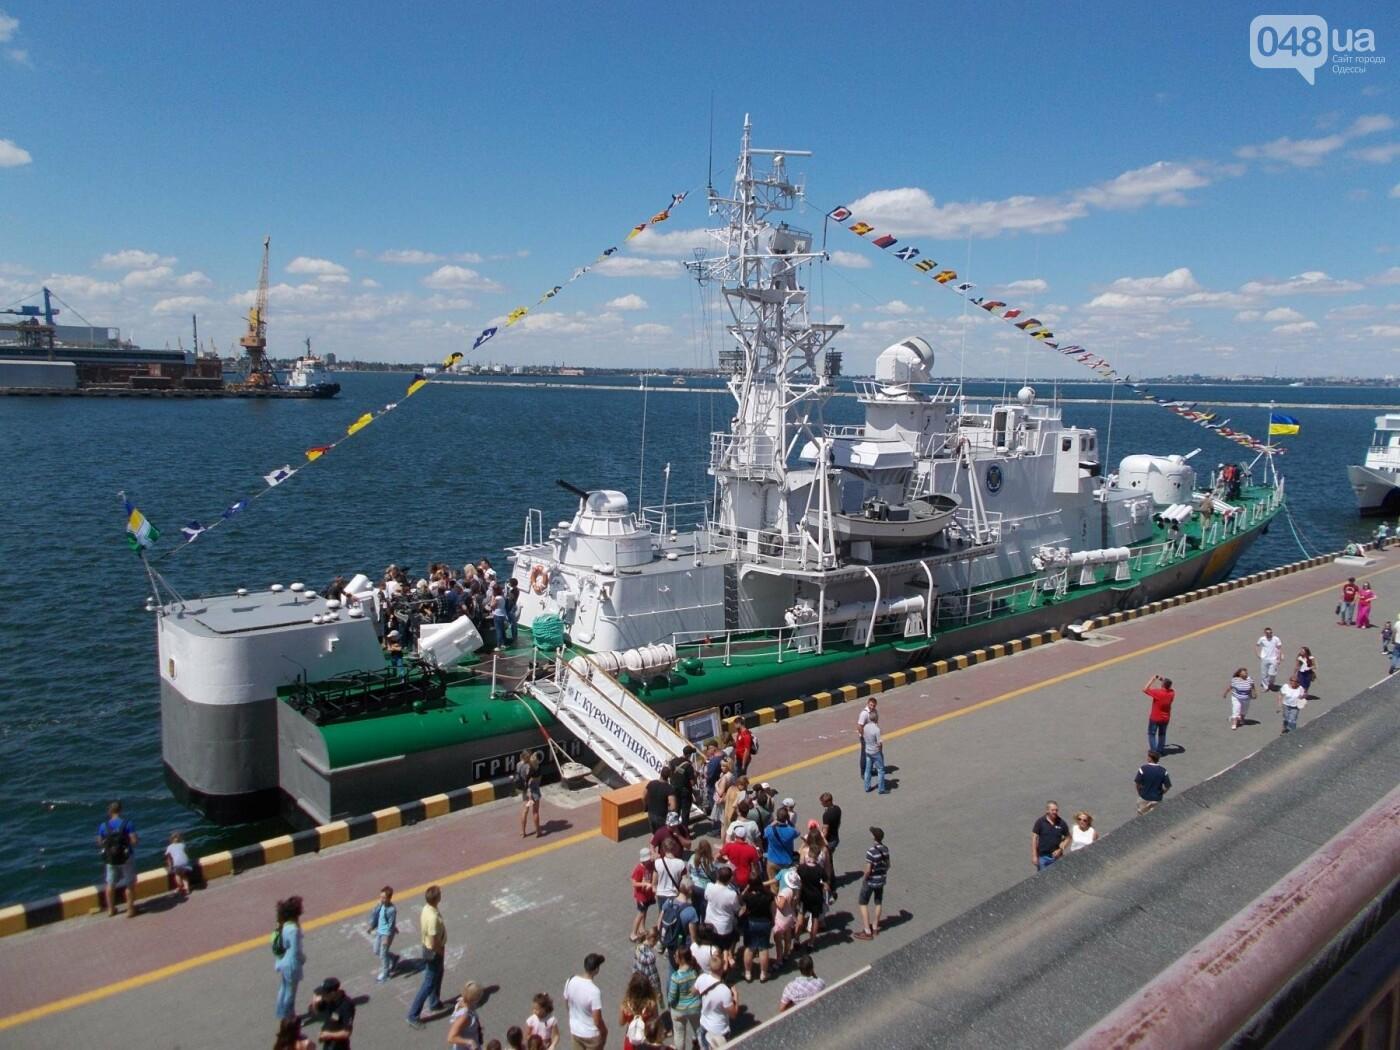 День Военно-морских сил Украины отпраздновали на Одесском морвокзале, - ФОТО , фото-9